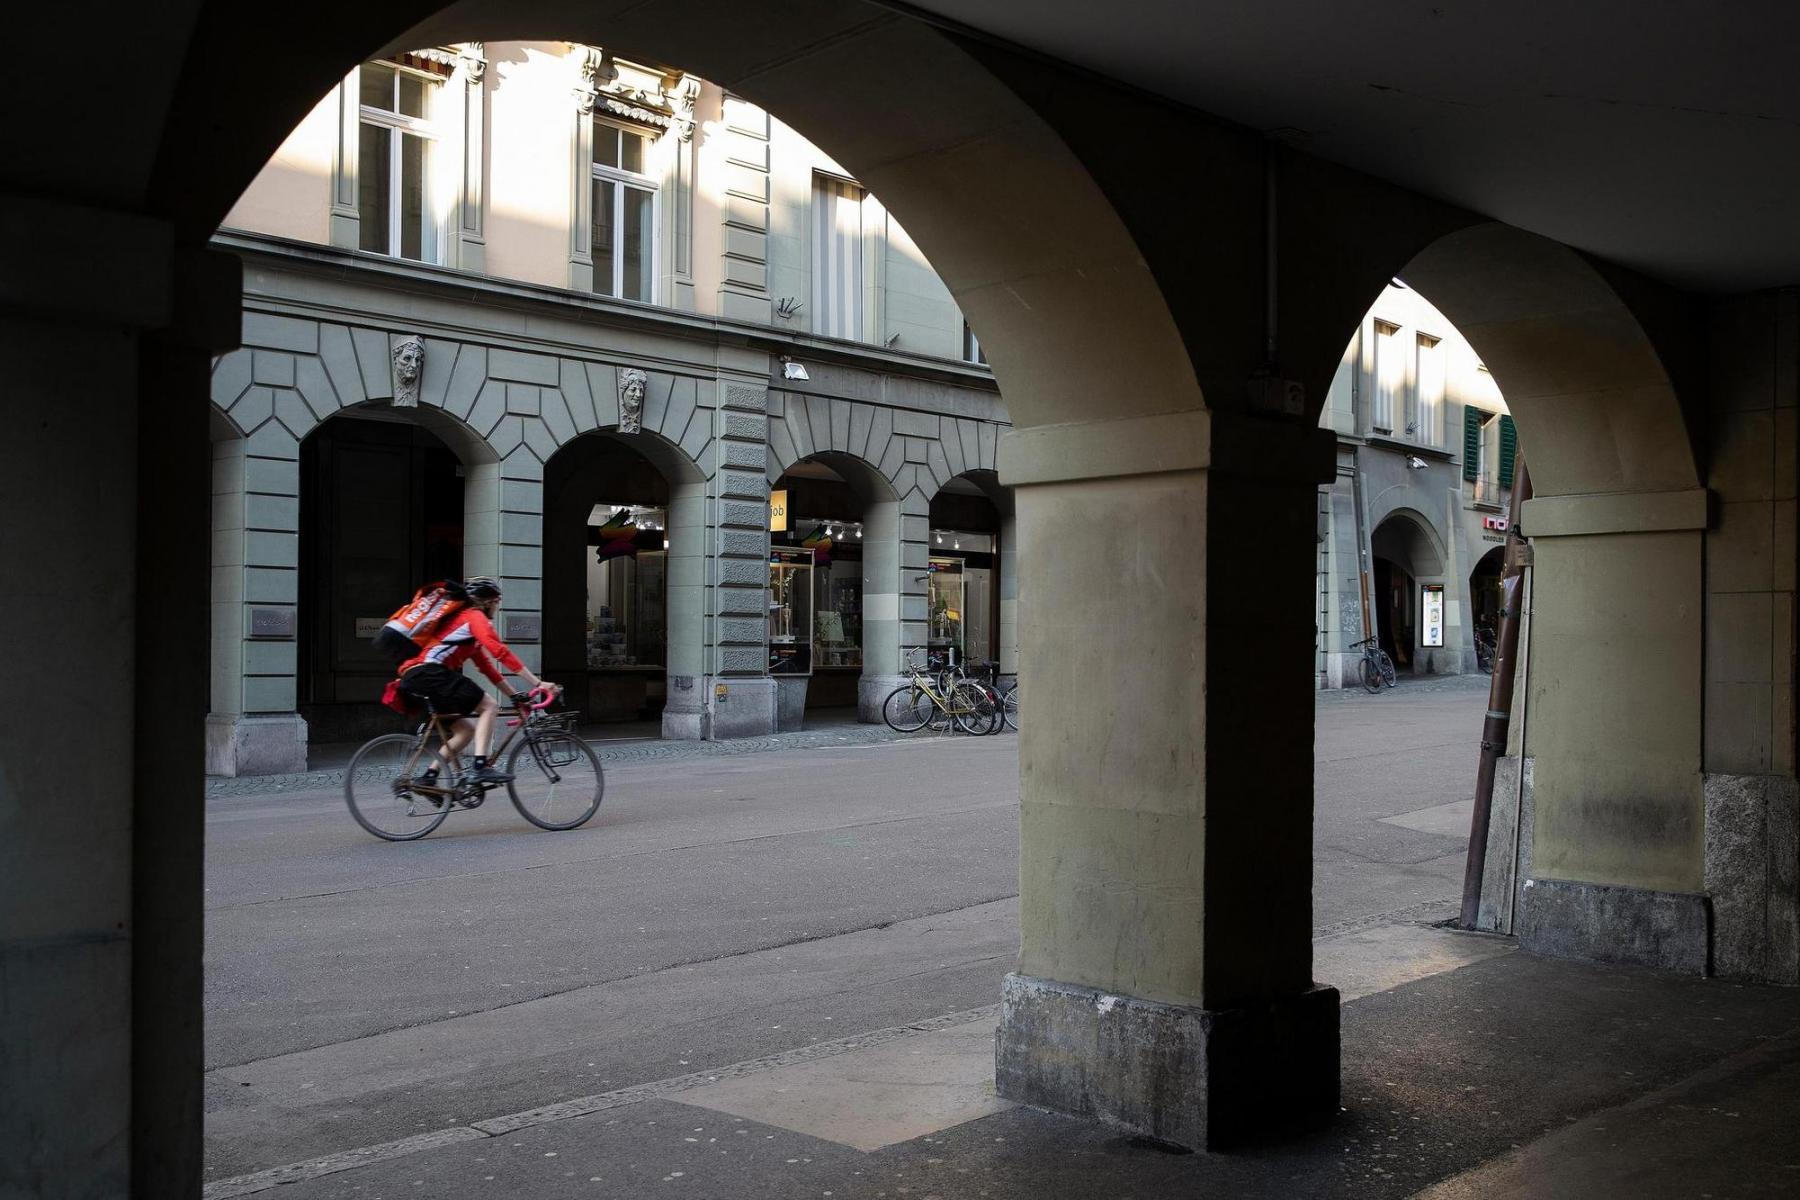 Die Stadt ist leer. Sie gehört den Velokurieren. Velokurier der Negishi-Sushi-Bar in der Aarbergergasse. Anlässlich einer Reportage zum Lockdown am Abend zwischen 18 und 20 Uhr in der Stadt Bern am 15.4.2020. Foto: Christian Pfander